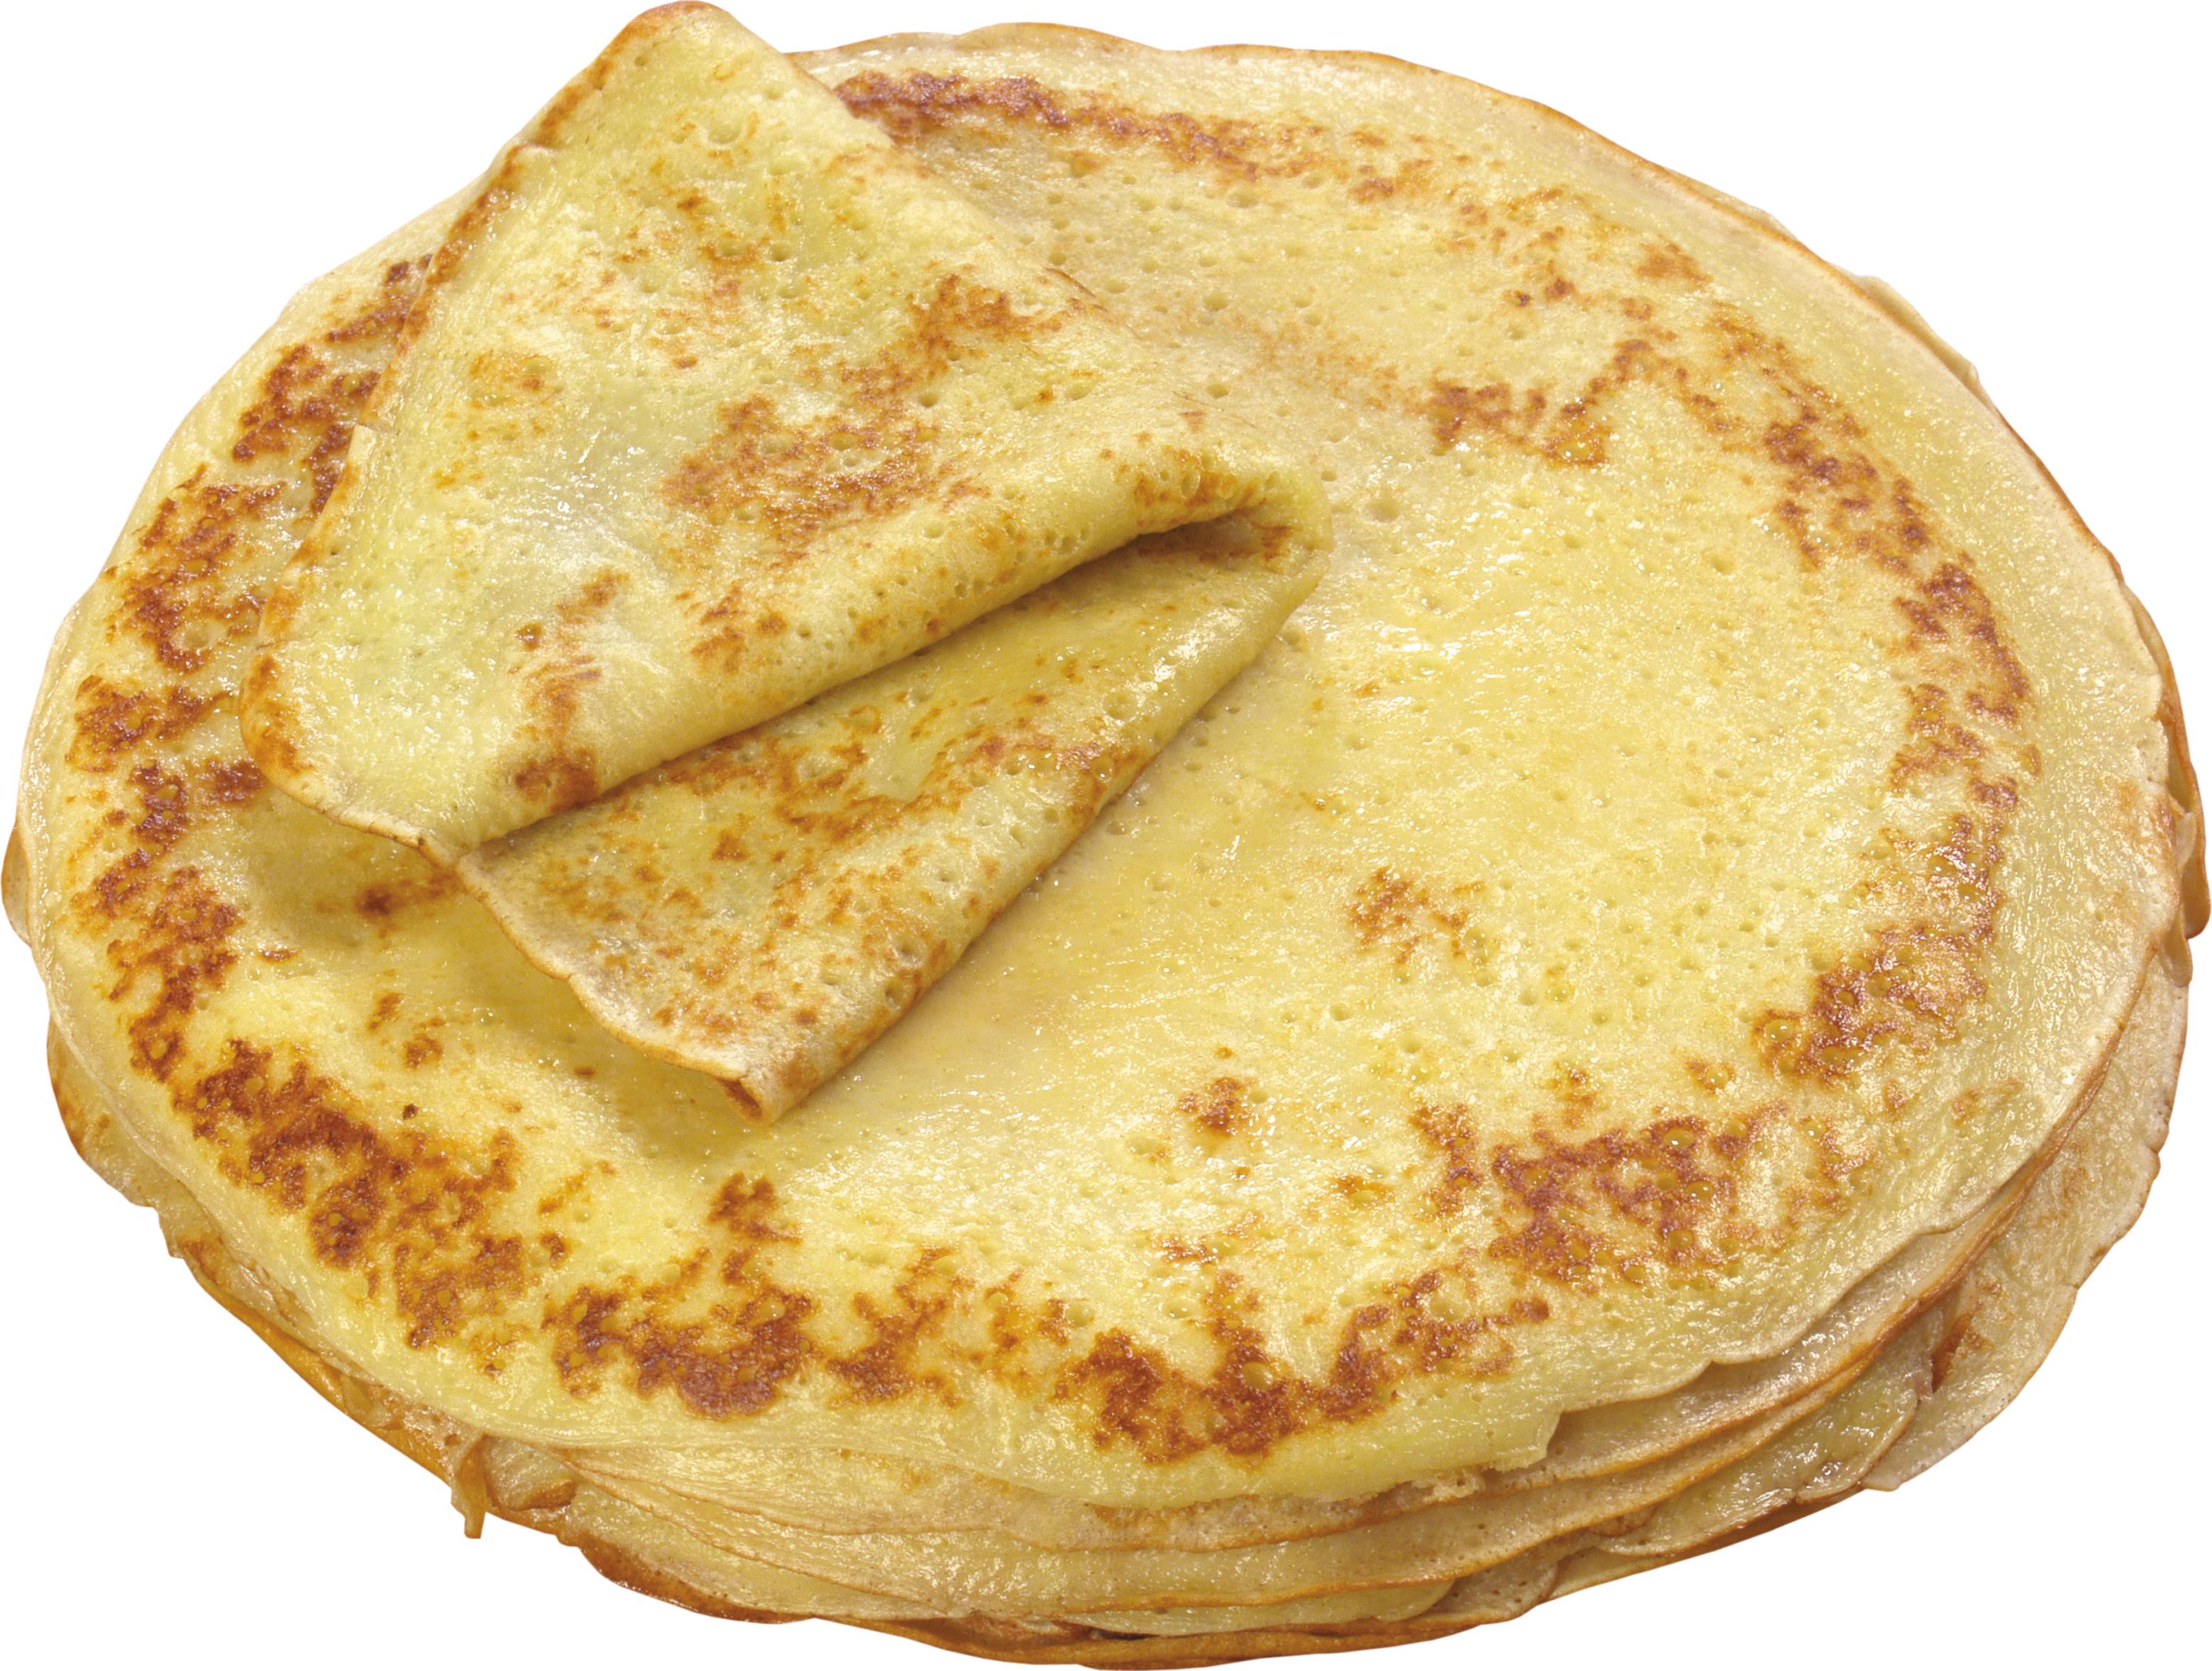 Pancake PNG Image